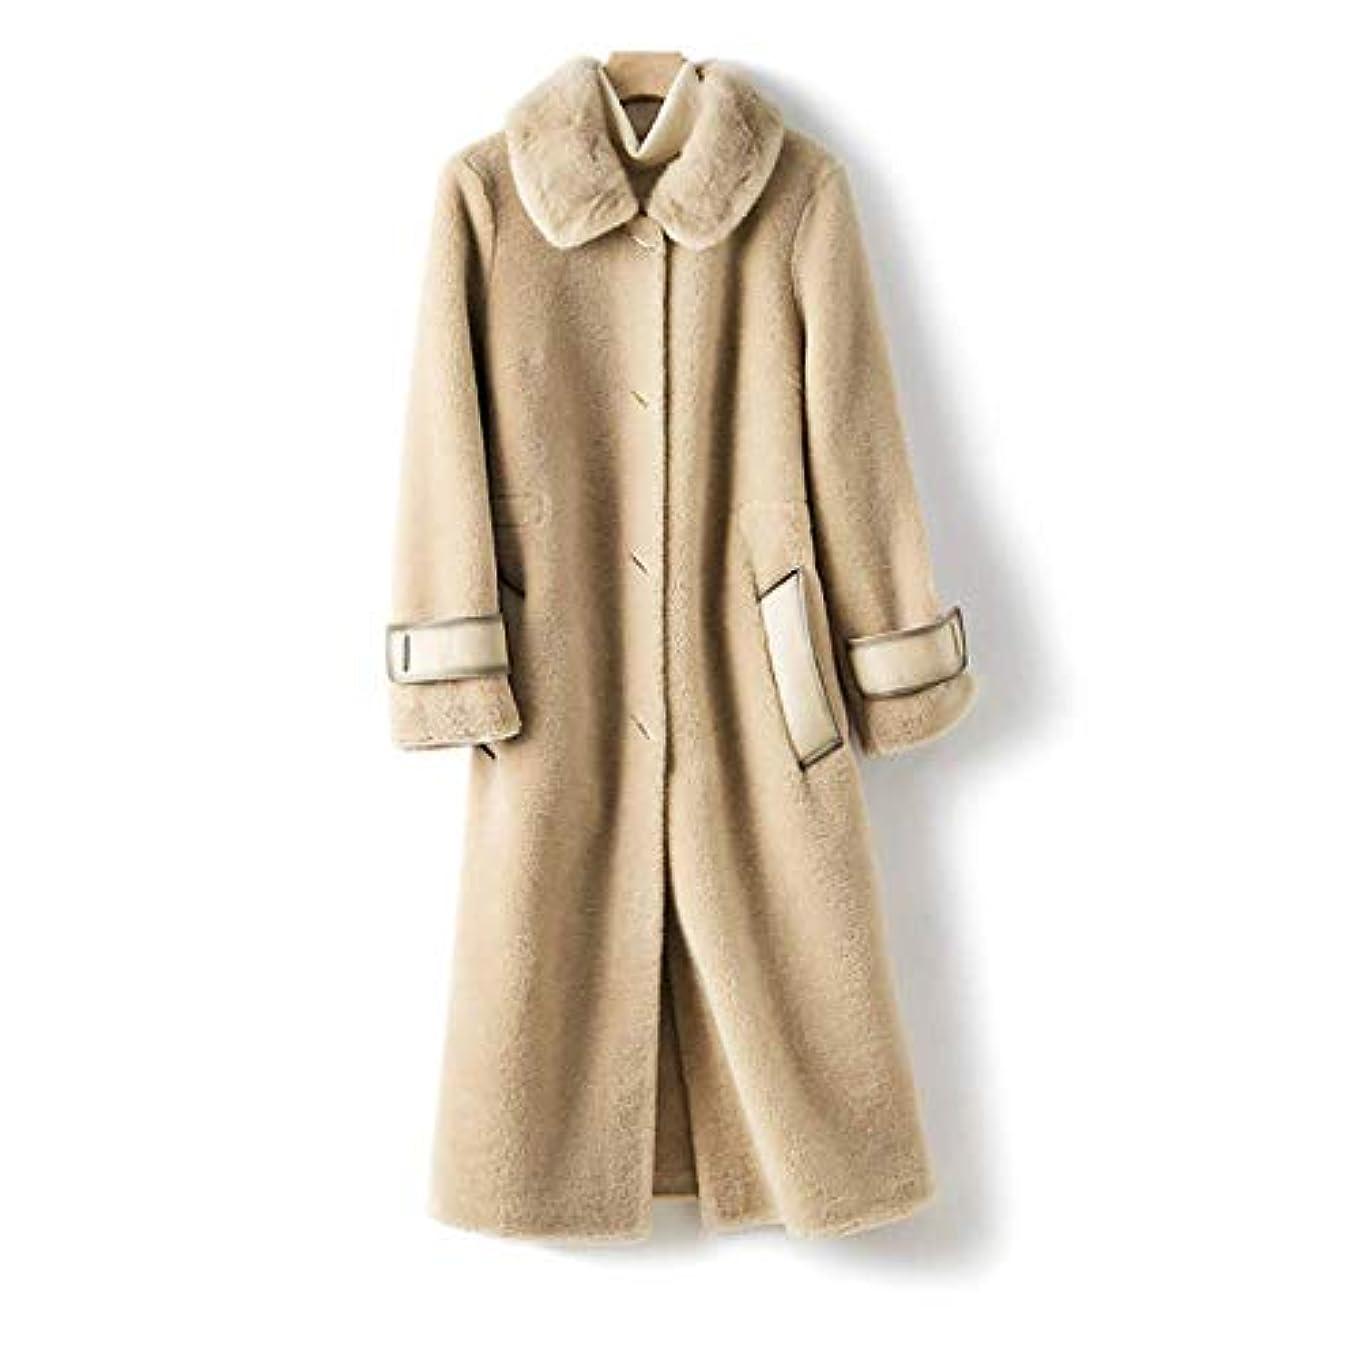 準拠超越するブートウールコート婦人服、レディースジャケットレディースコートレディースウインドブレーカージャケットミンクファーカラーウールシープシアリング顆粒ロングコート,B,L